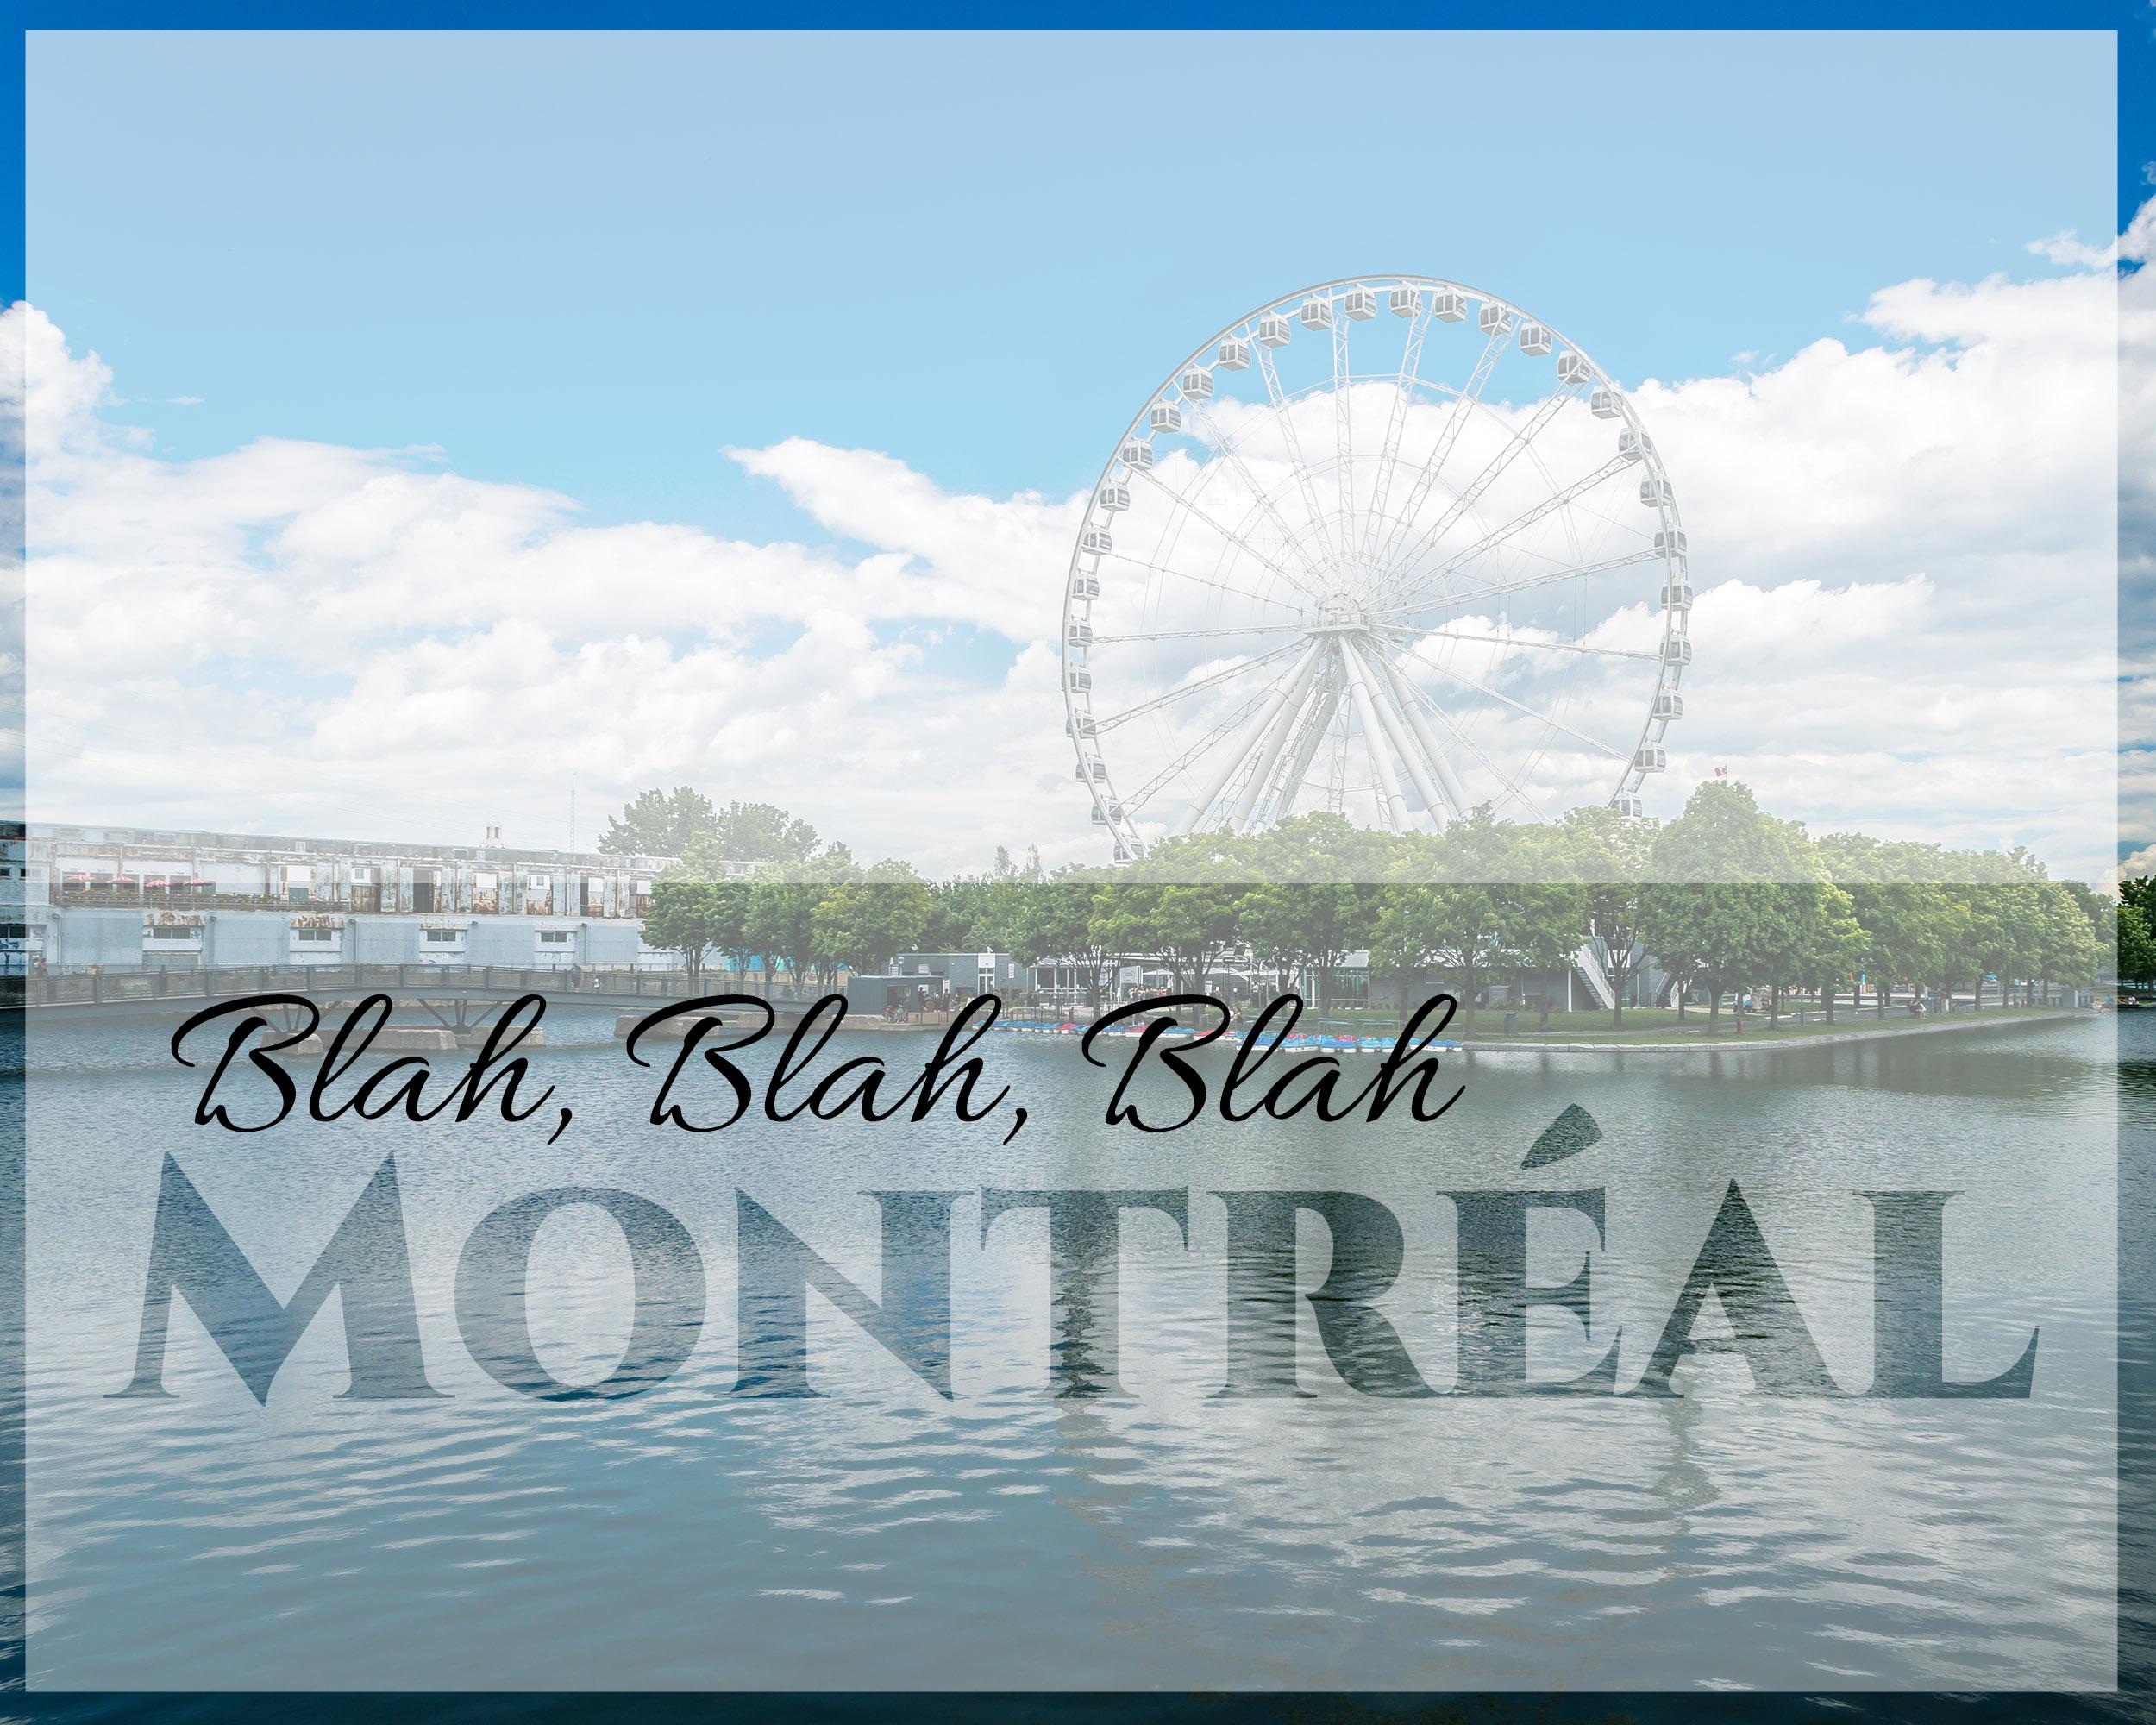 Mon arrivée à Montréal et mon adaptation